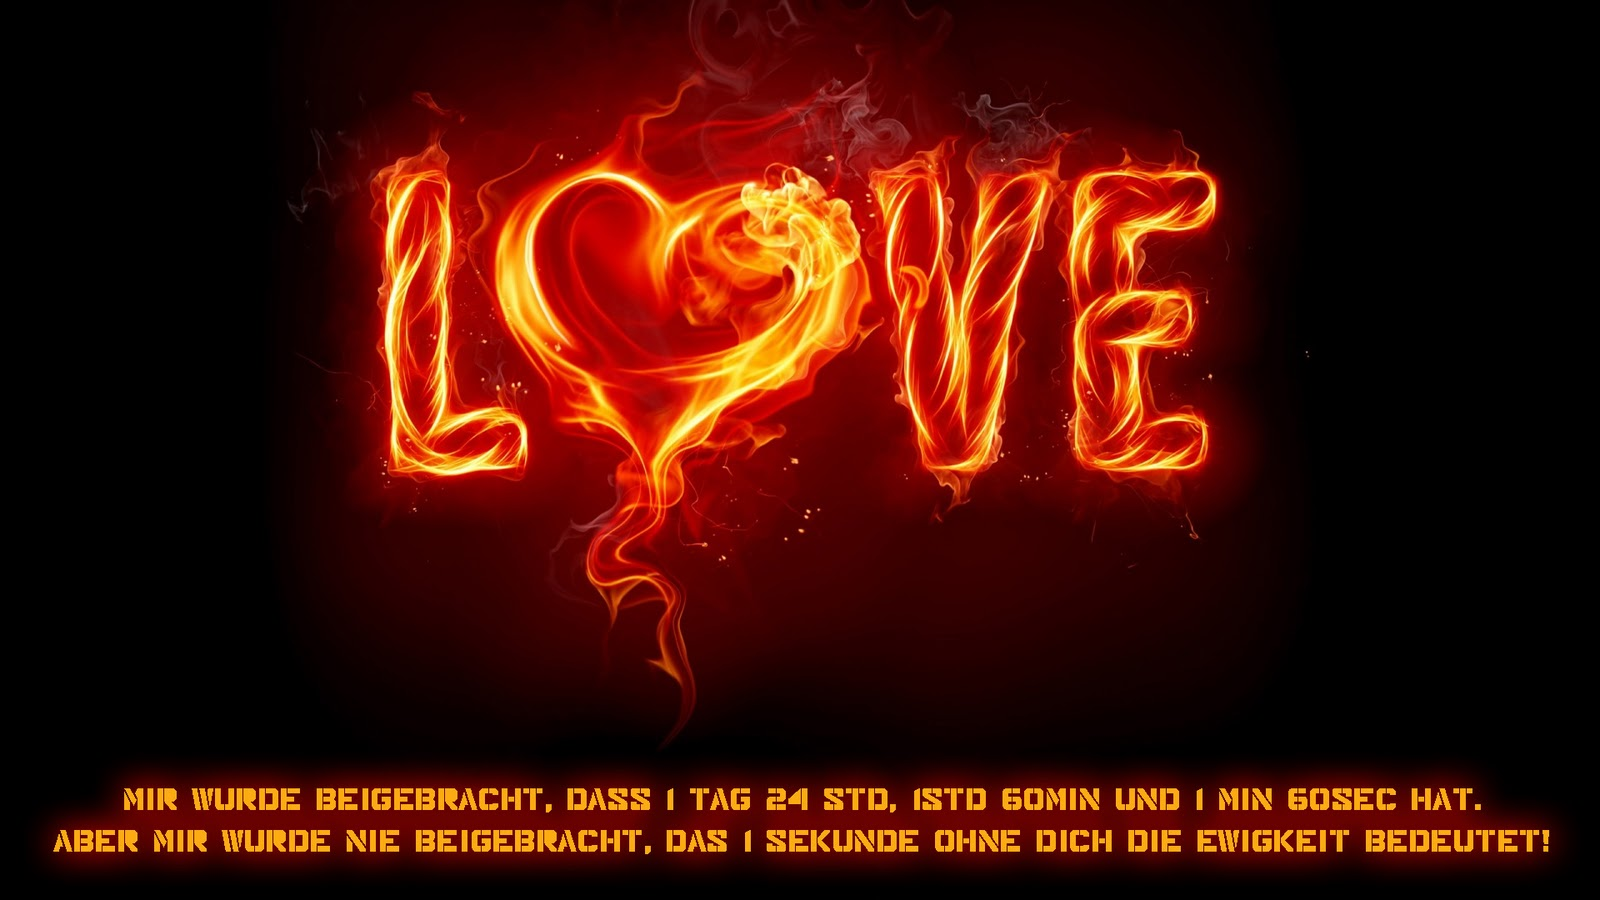 http://4.bp.blogspot.com/-88HUTS8w8ck/Tq4DjSwlEbI/AAAAAAAABp4/SJ1WALAj74A/s1600/love-pics-pictures-10.jpg